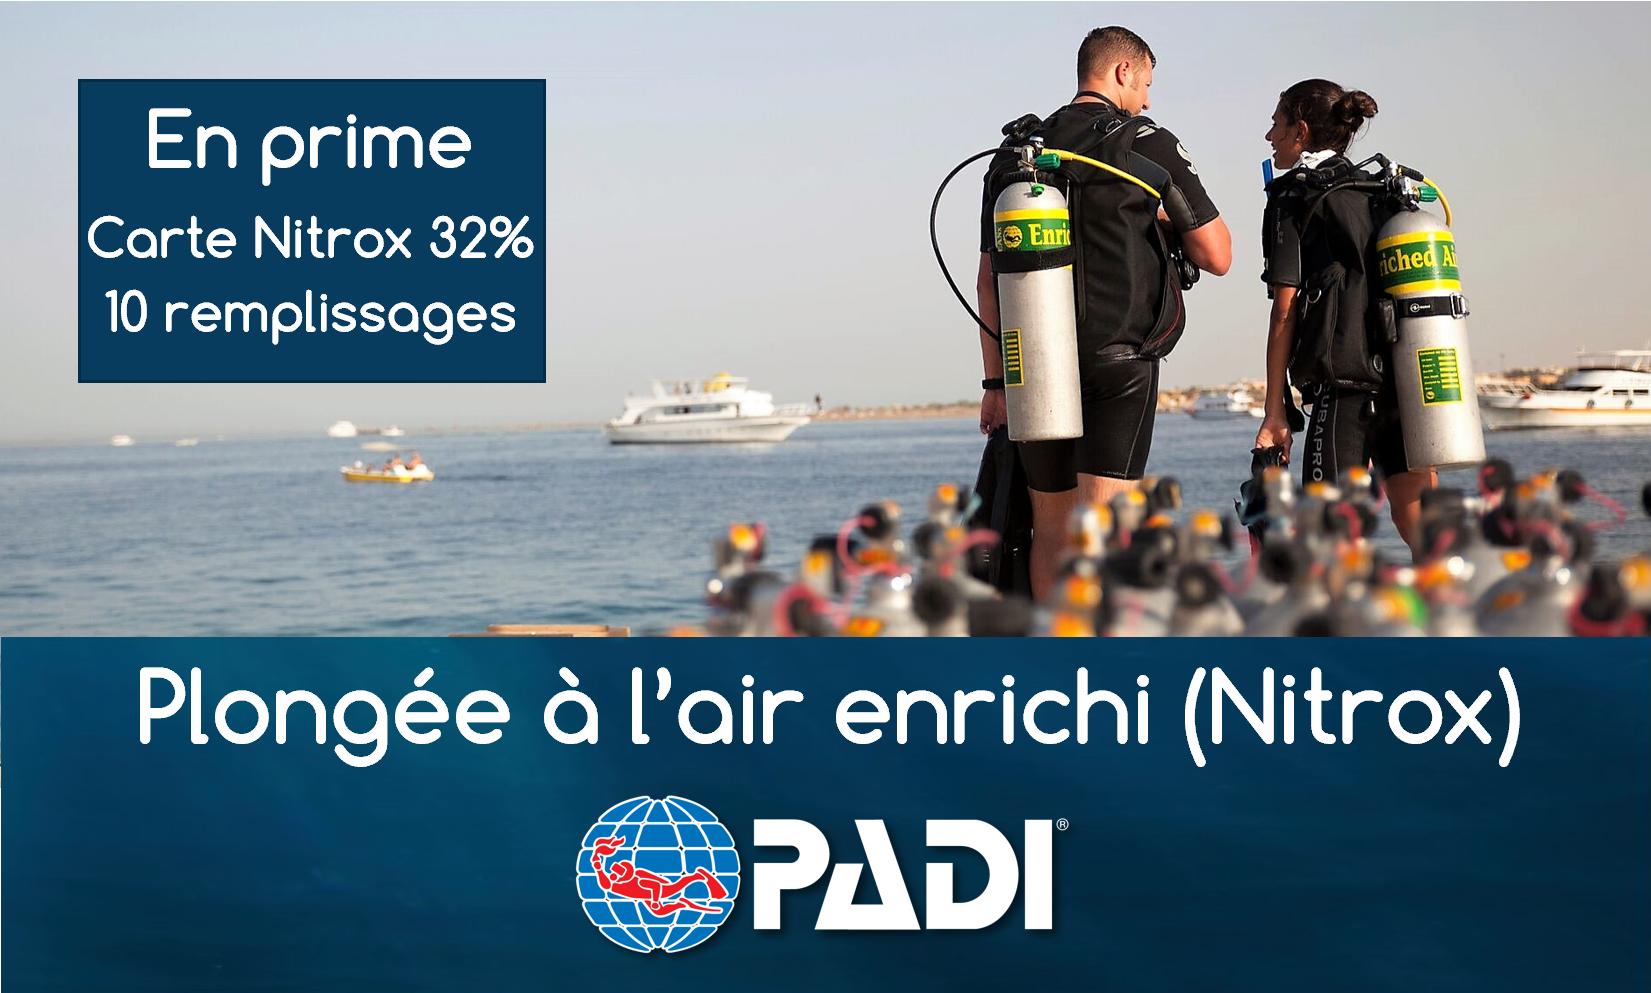 """Plongeur à l'air enrichi (NITROX) - Spécialité PADI (prochaine date: 12 décembre 2019) -¨EN PRIME CARTE 10 Remplissages NITROX 32%, une Valeur de 130$"""""""